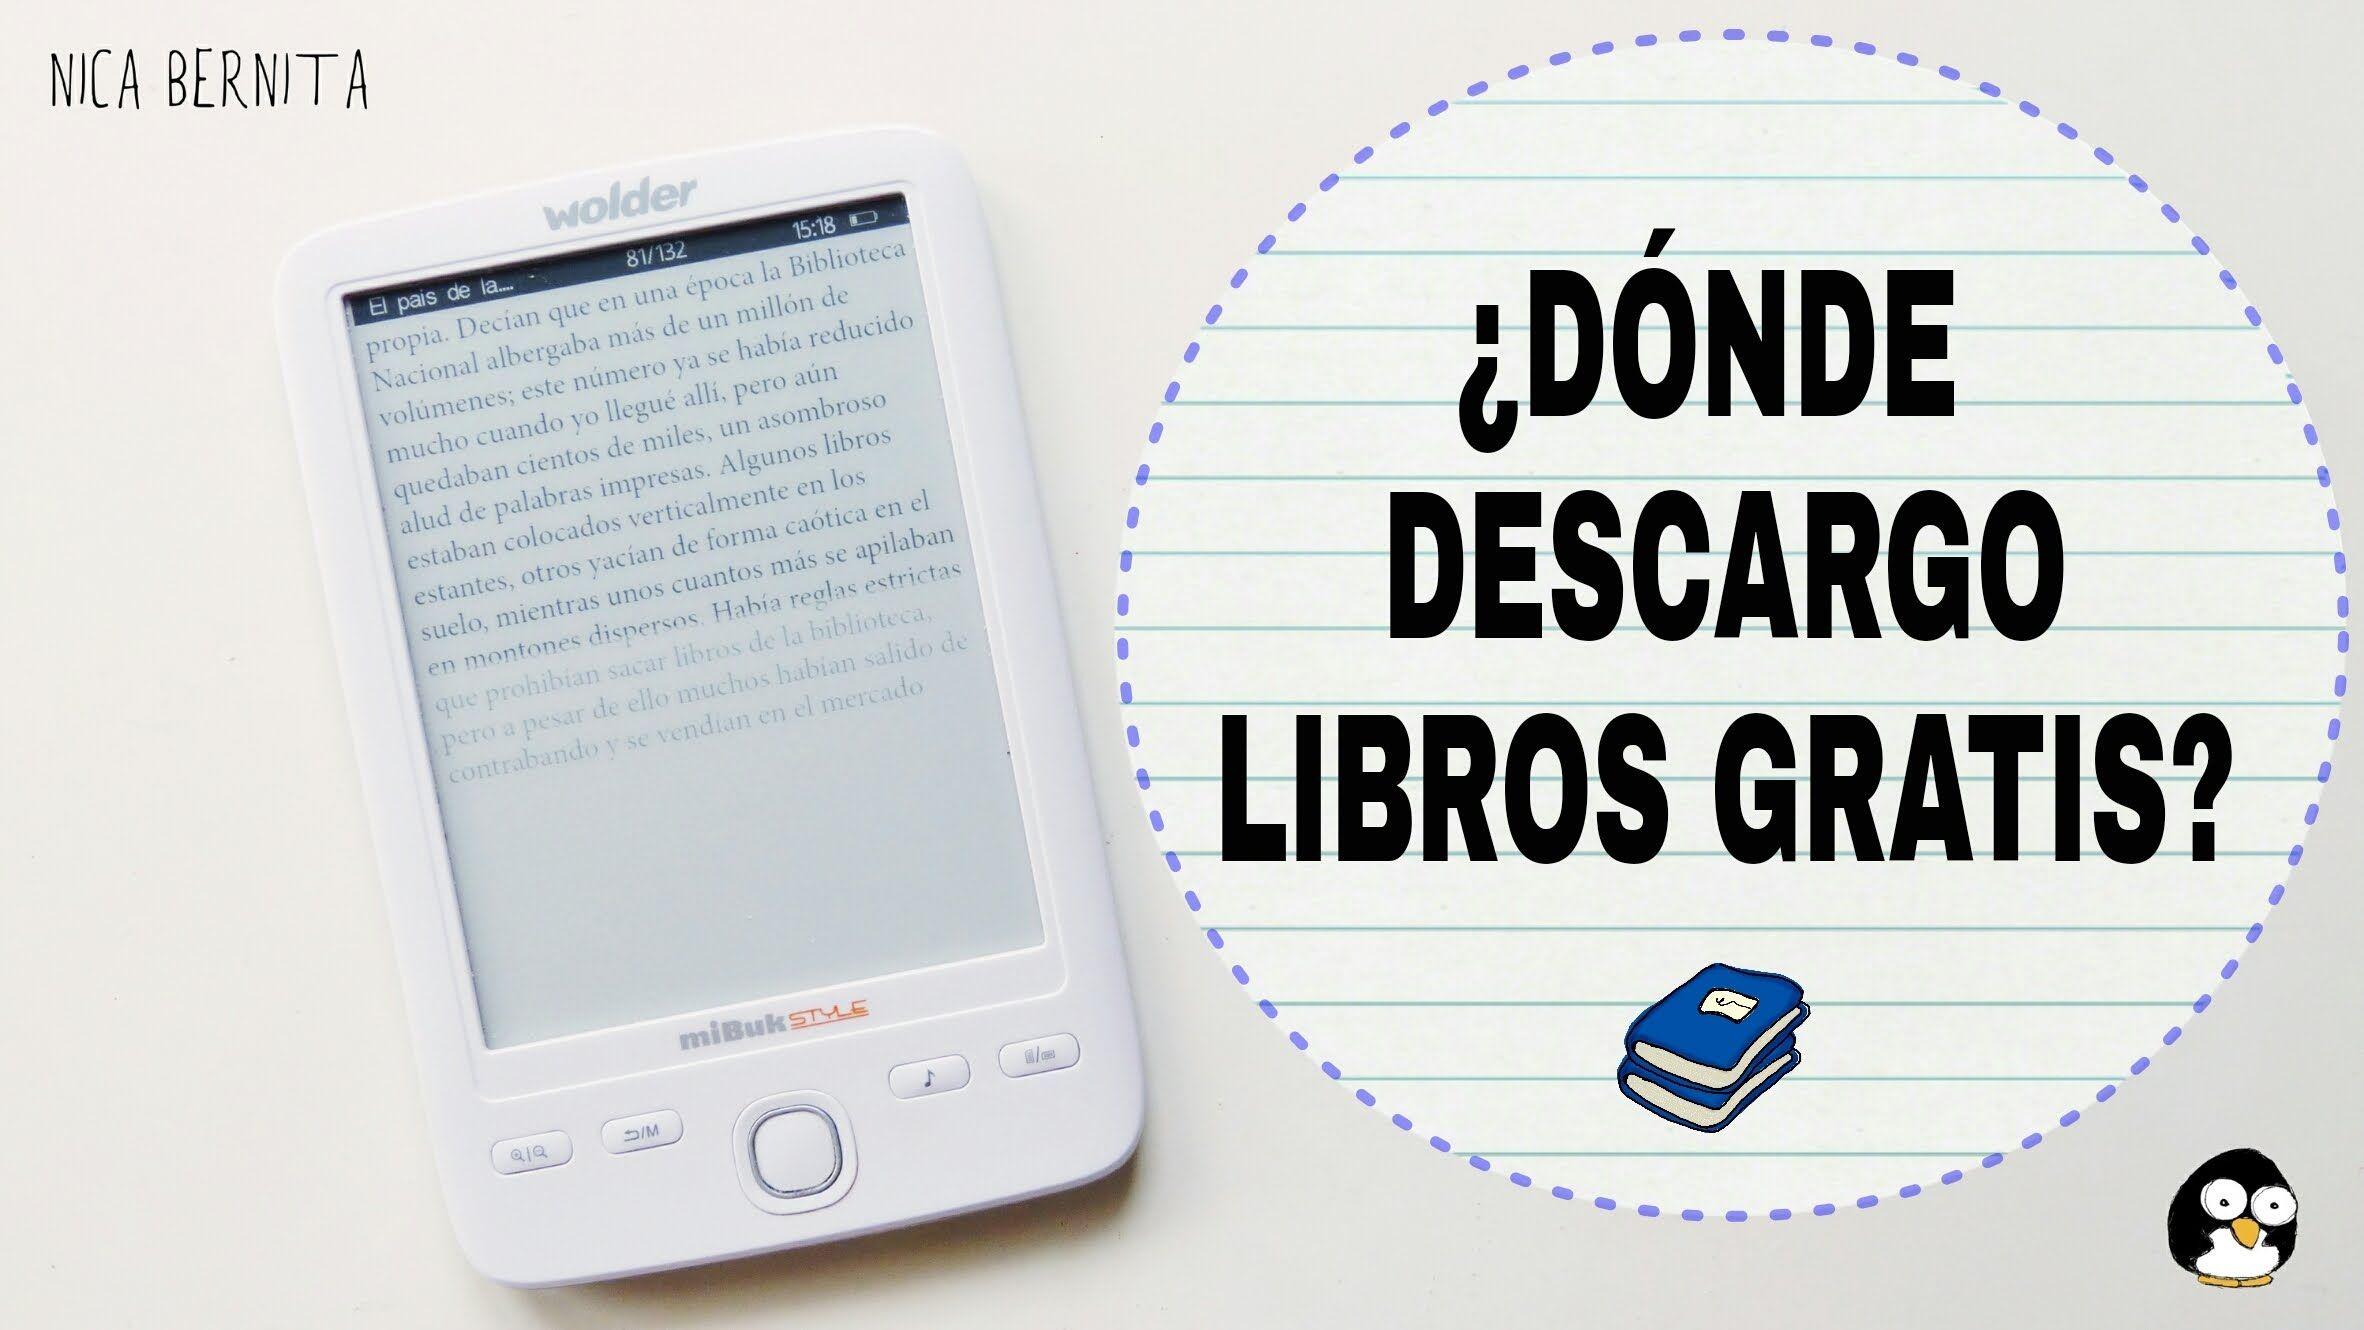 Descargar Libros Gratis Y De Forma Legal Apps Y Webs De Ebooks Gratis App Para Leer Libros Descargar Libros Gratis Libros Español Gratis